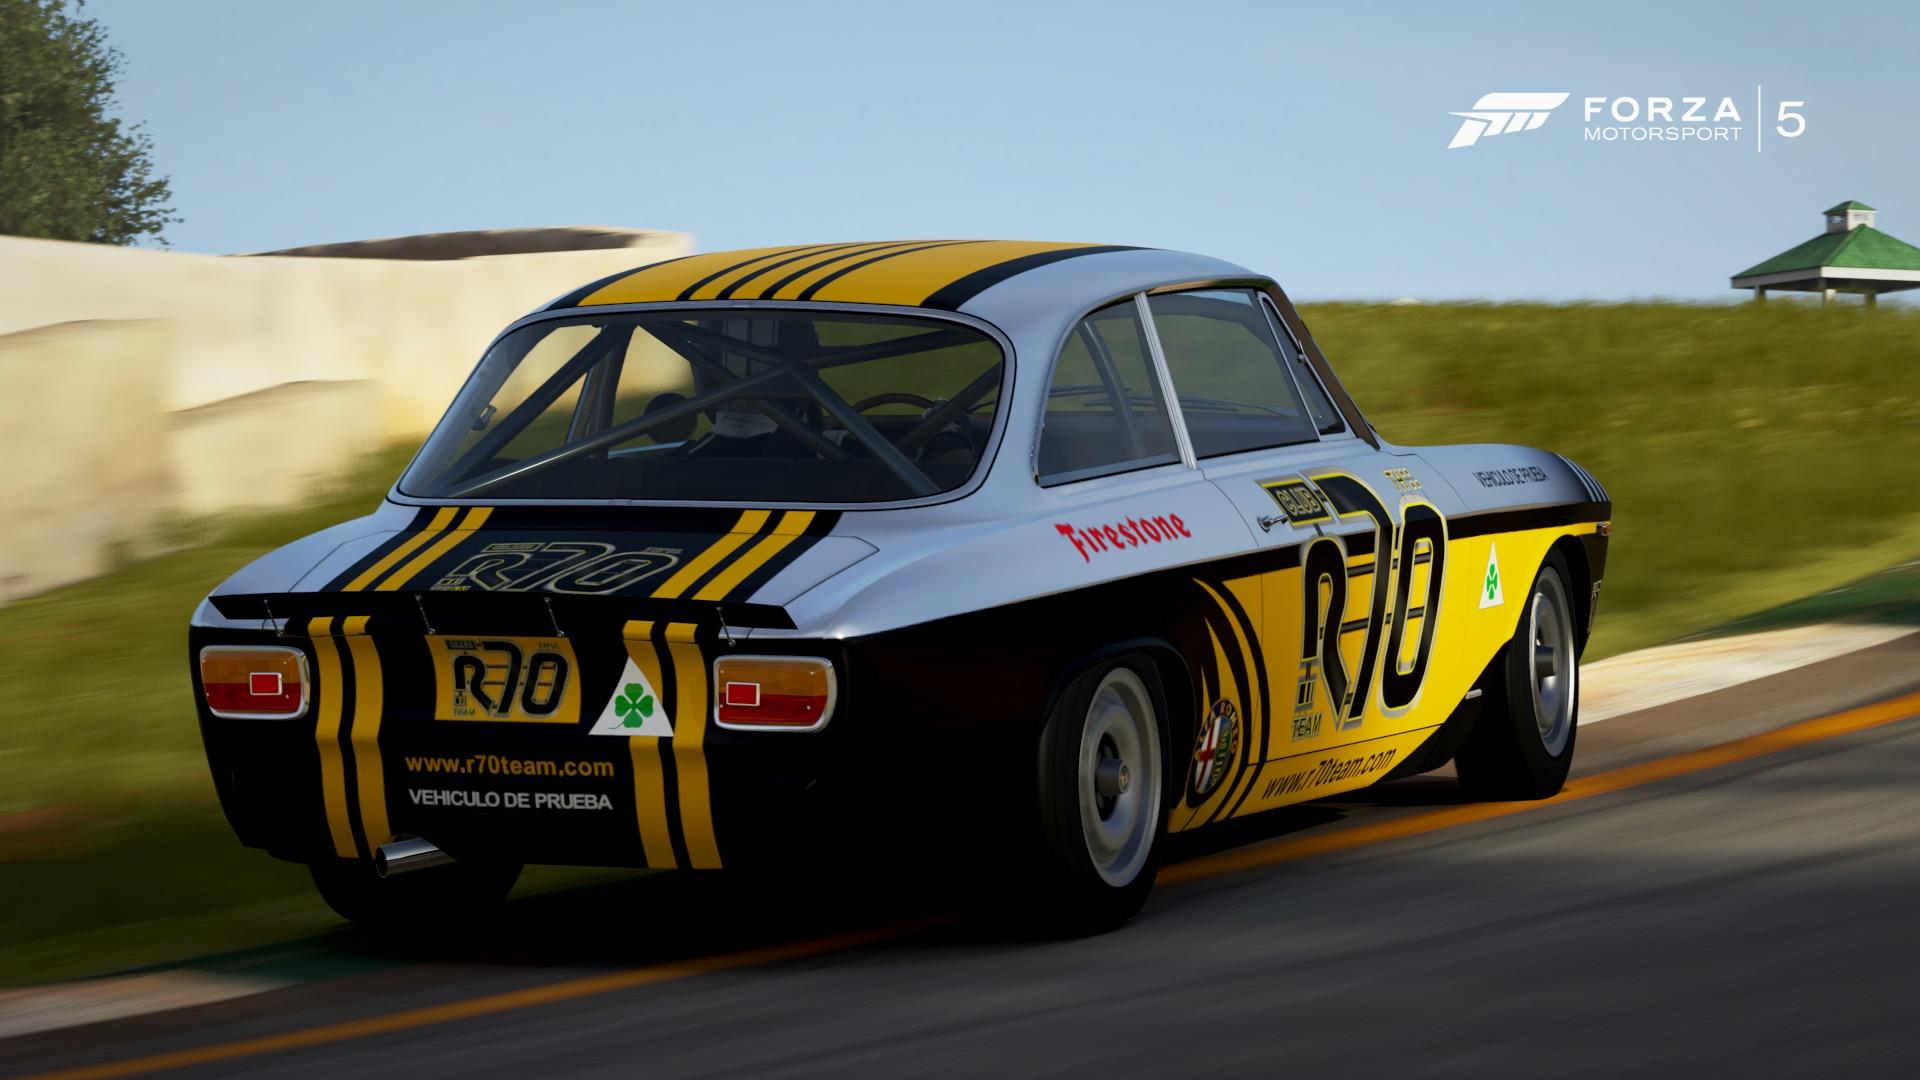 [Pruebas de Acceso] Forza Motorsport 5 - Página 2 Glc1